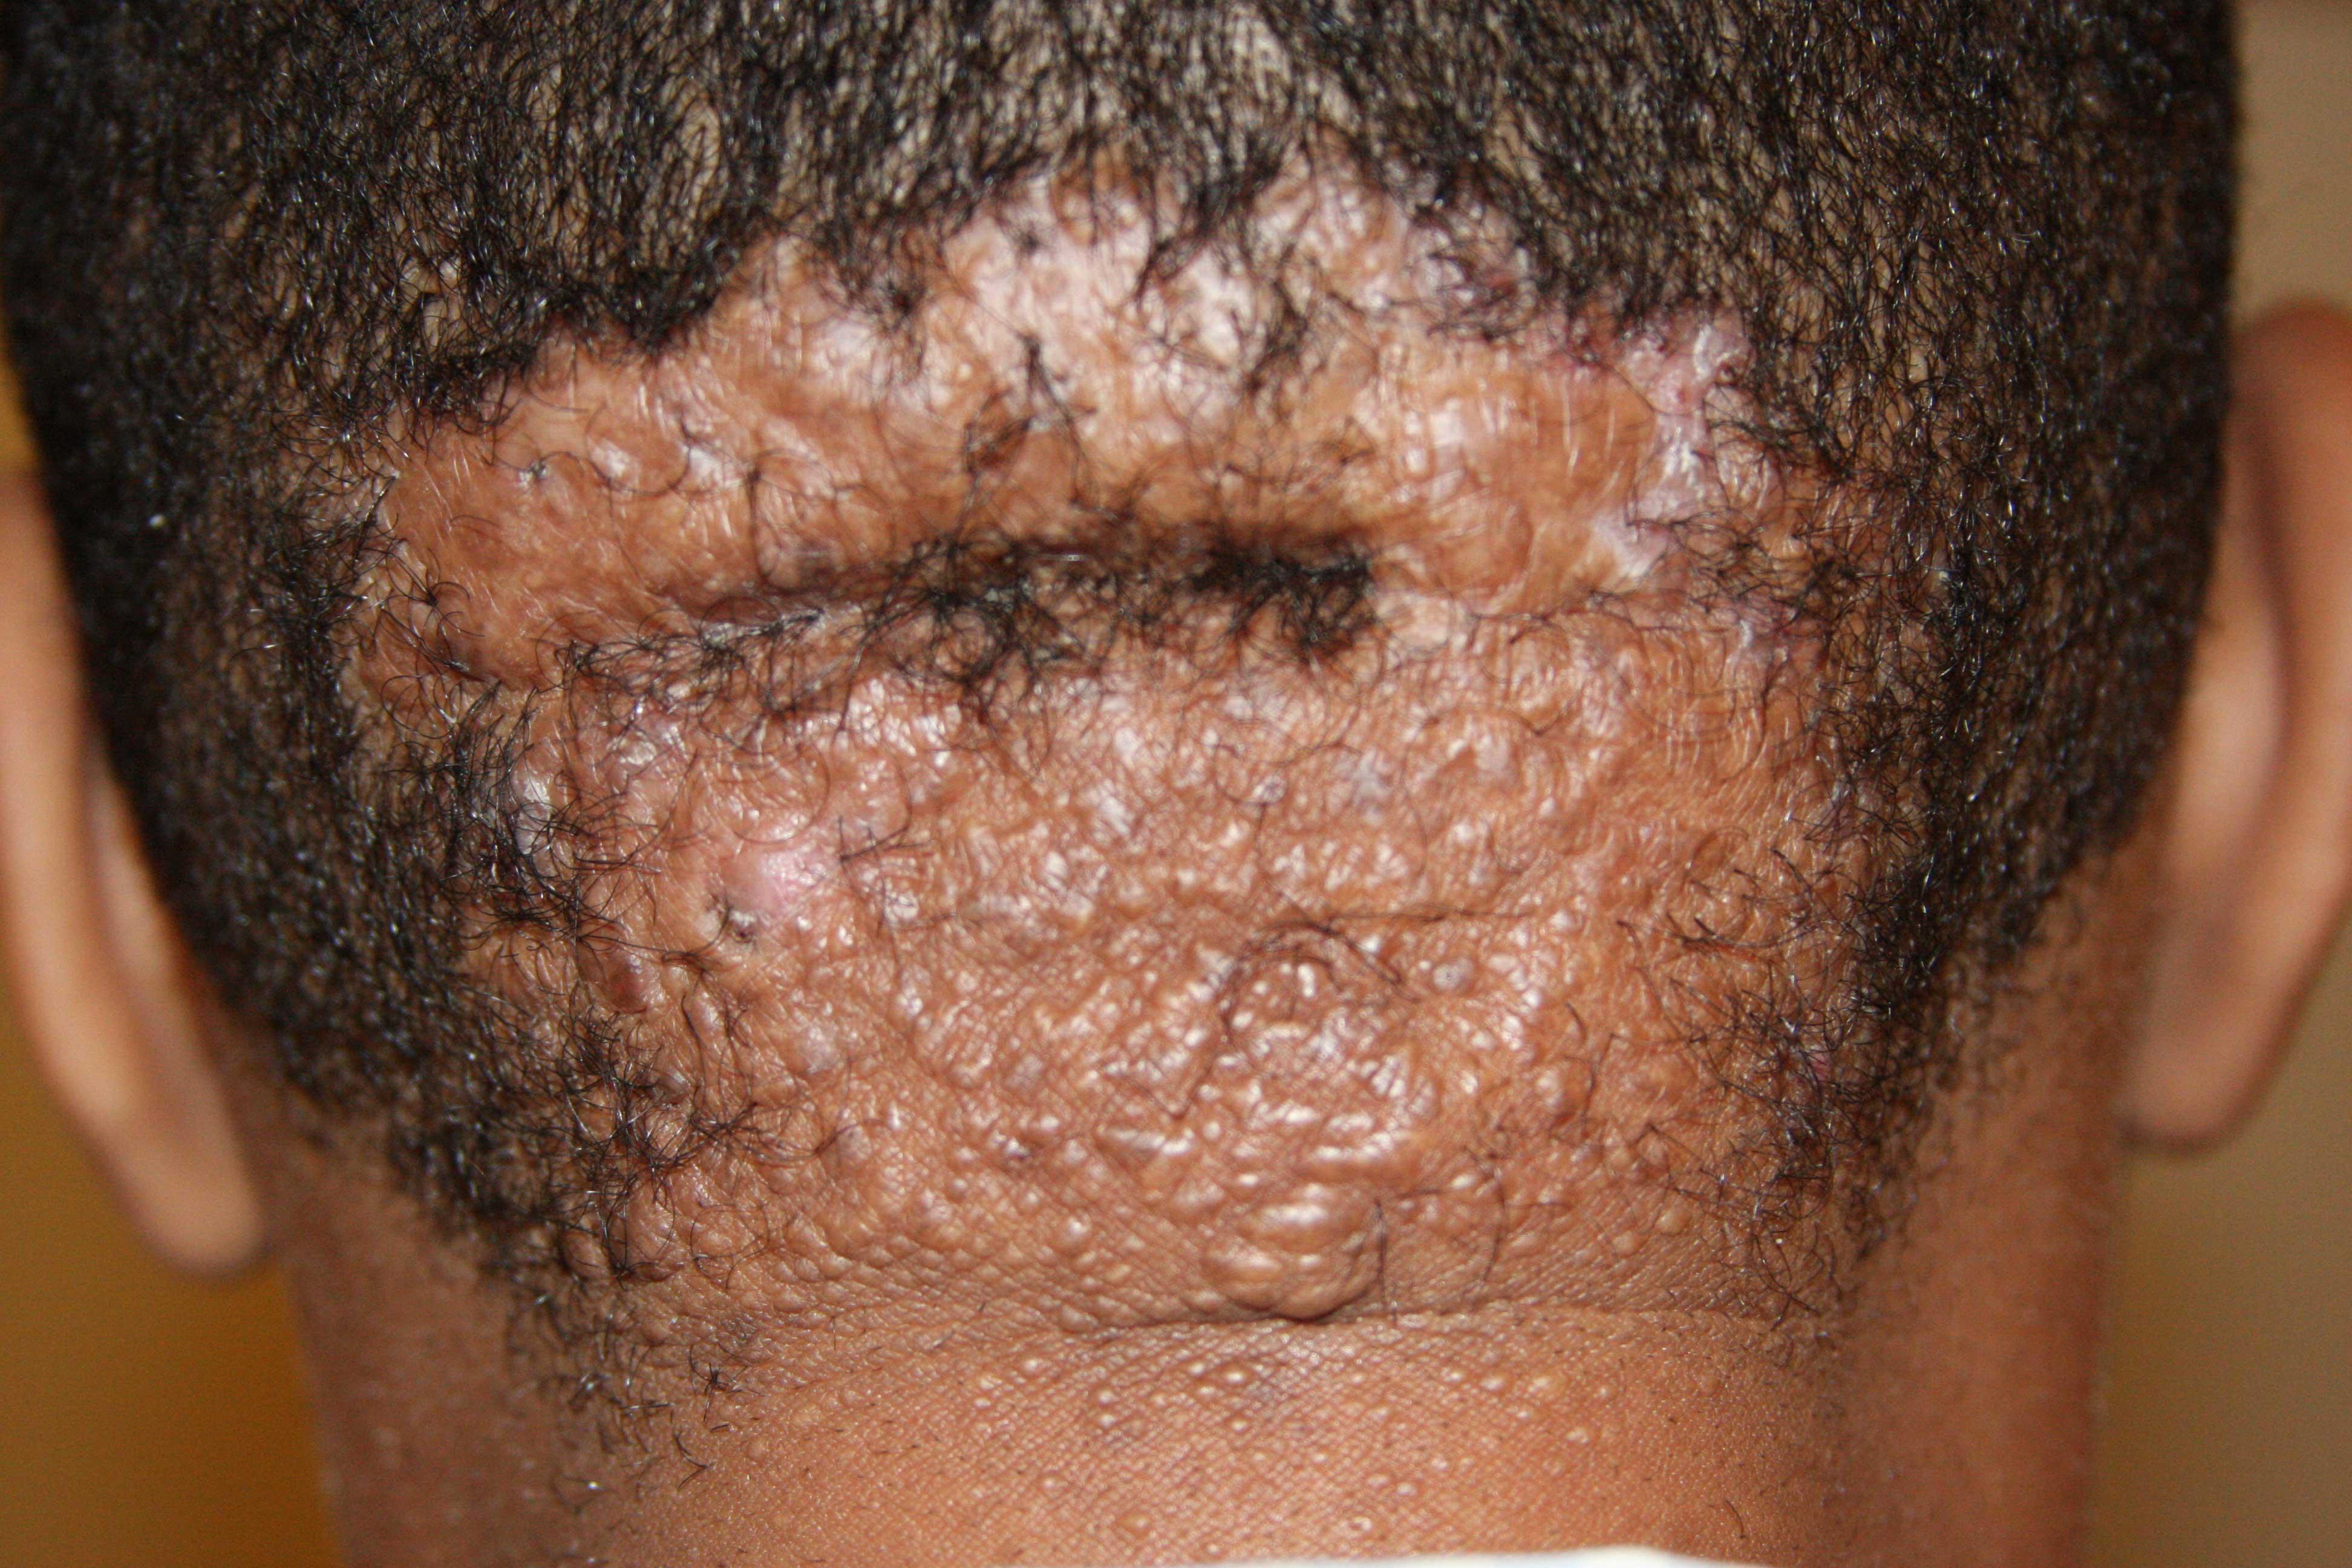 Widespread scalp keloid